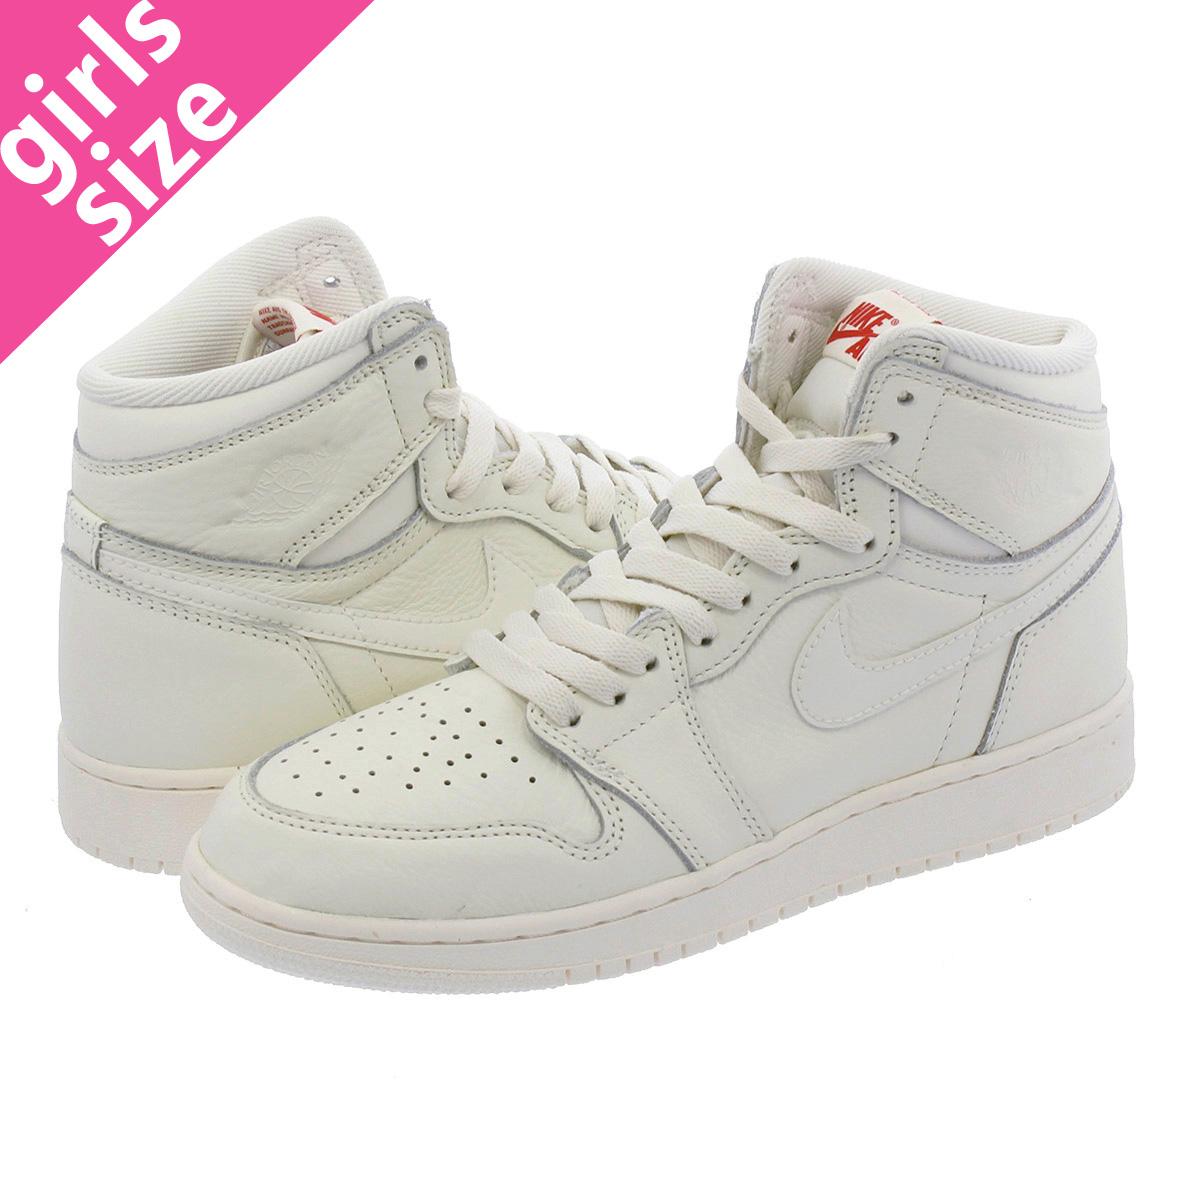 d4f5c402183cb3 NIKE AIR JORDAN 1 RETRO HIGH OG BG Nike Air Jordan 1 nostalgic high OG BG  SAIL UNIVERSITY RED